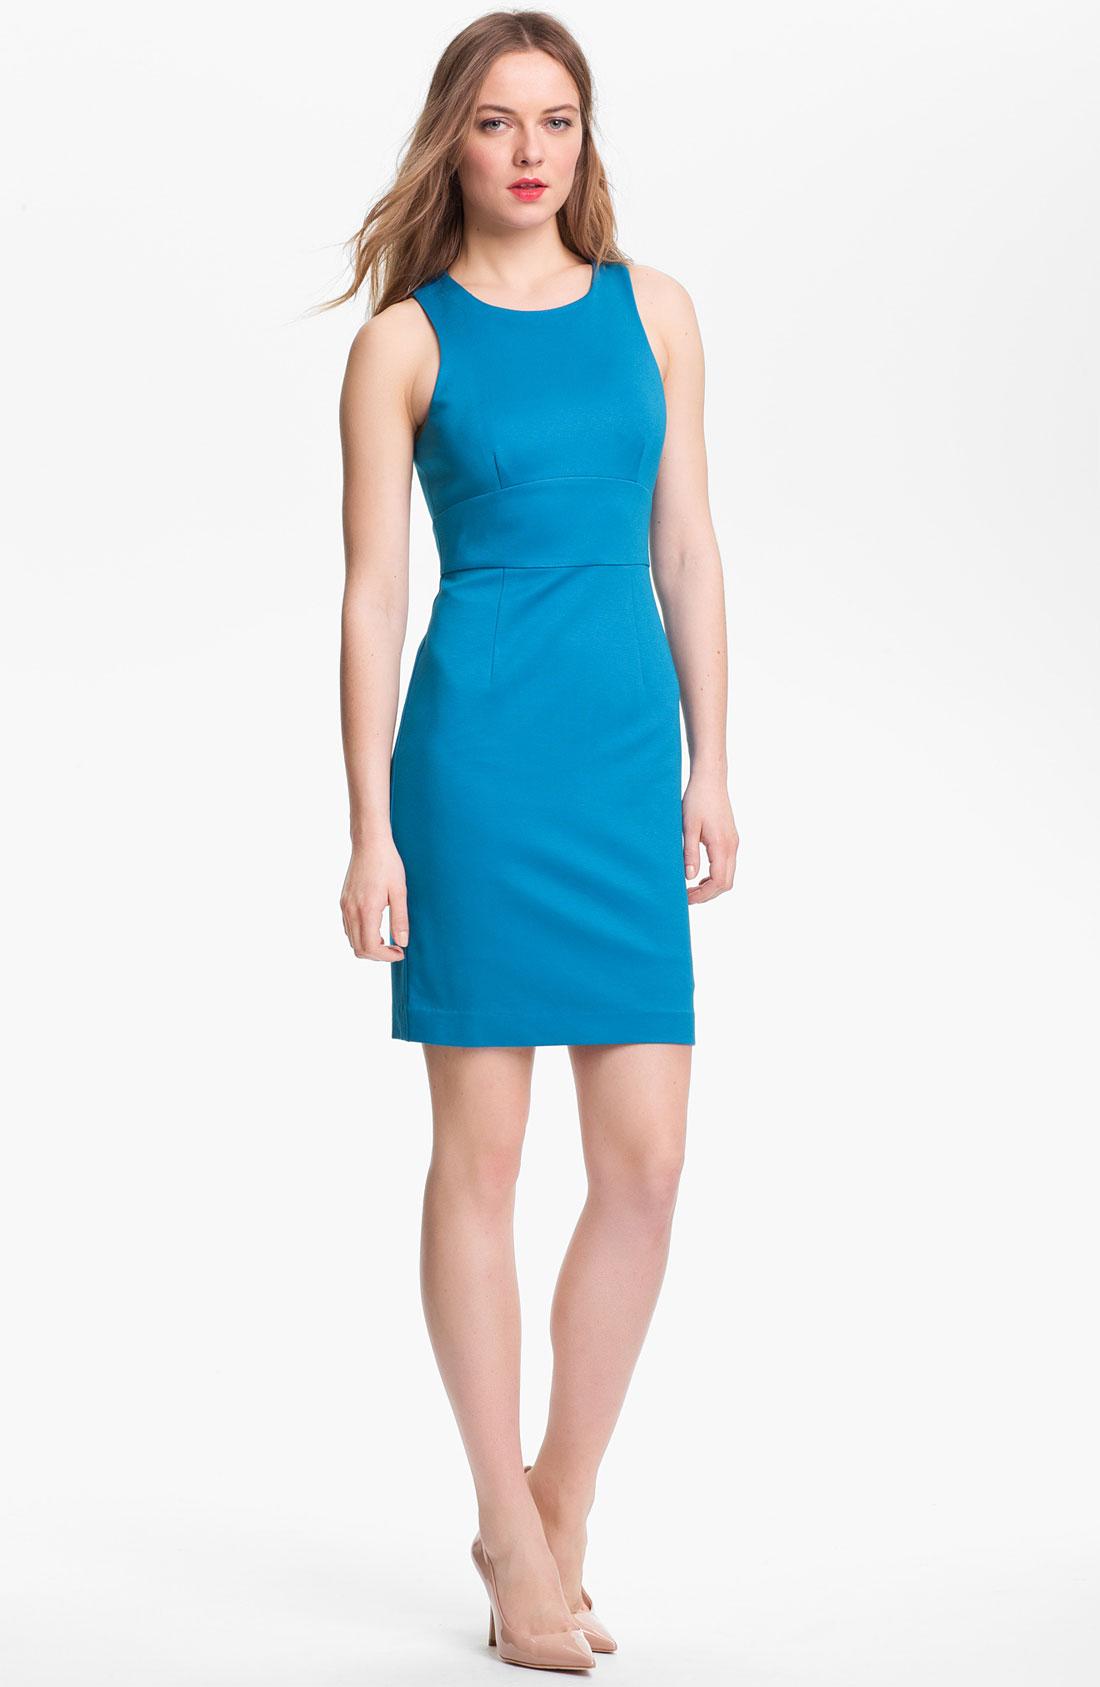 Trina Turk Blue Dress